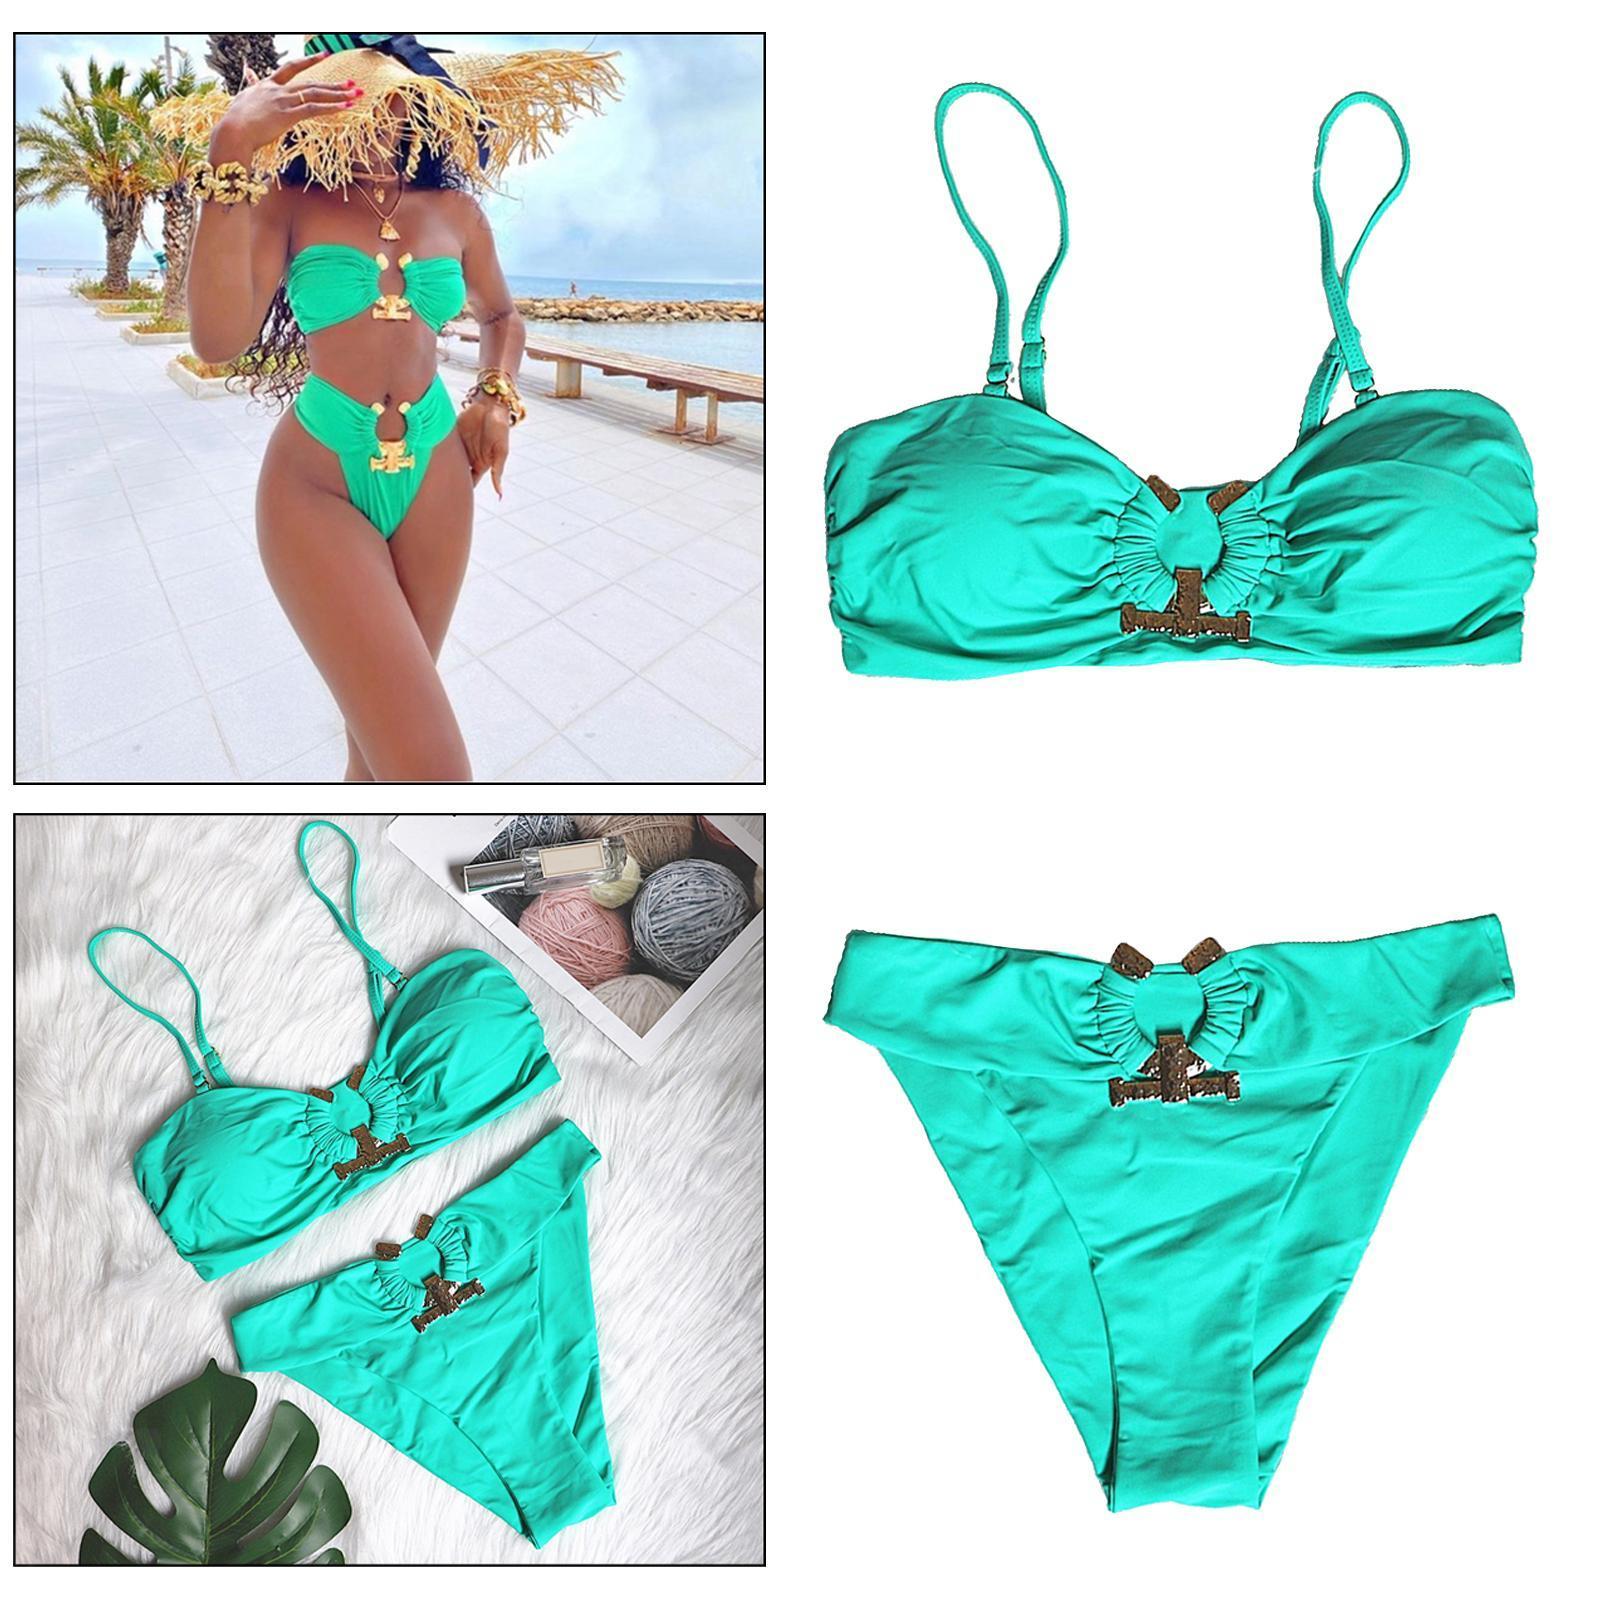 Indexbild 115 - Zwei Stücke Bikini Set Strappy Bademode Party Badeanzug Tankini Bademode